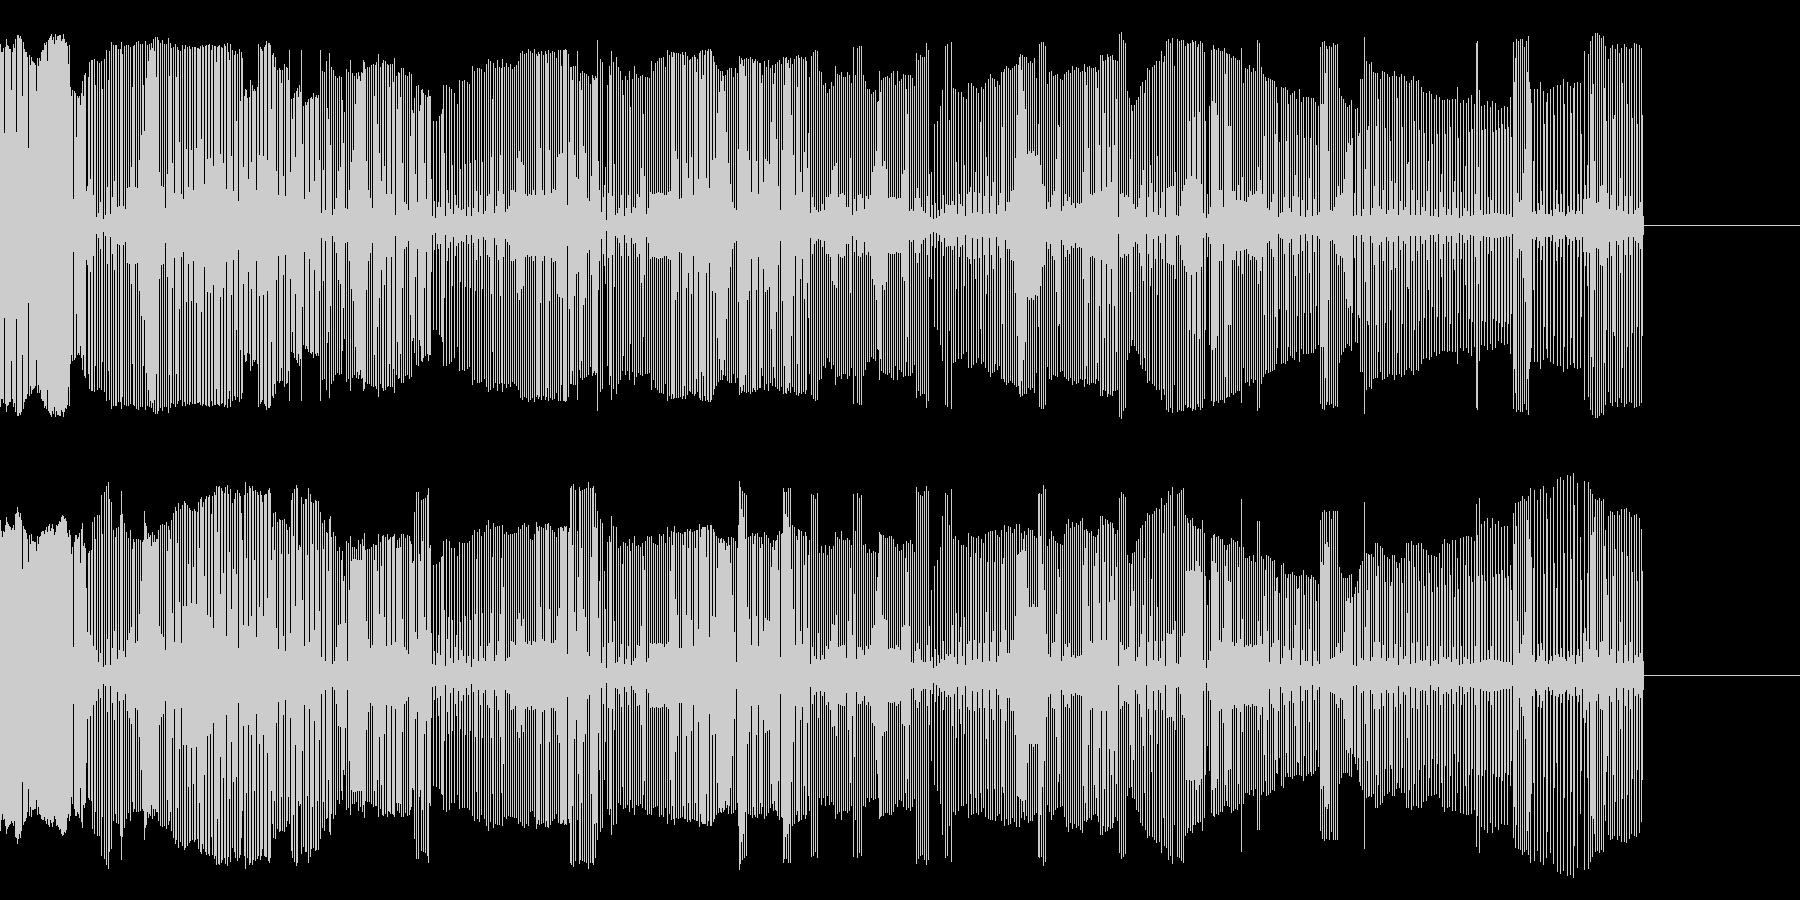 壊れかけの電子音の未再生の波形